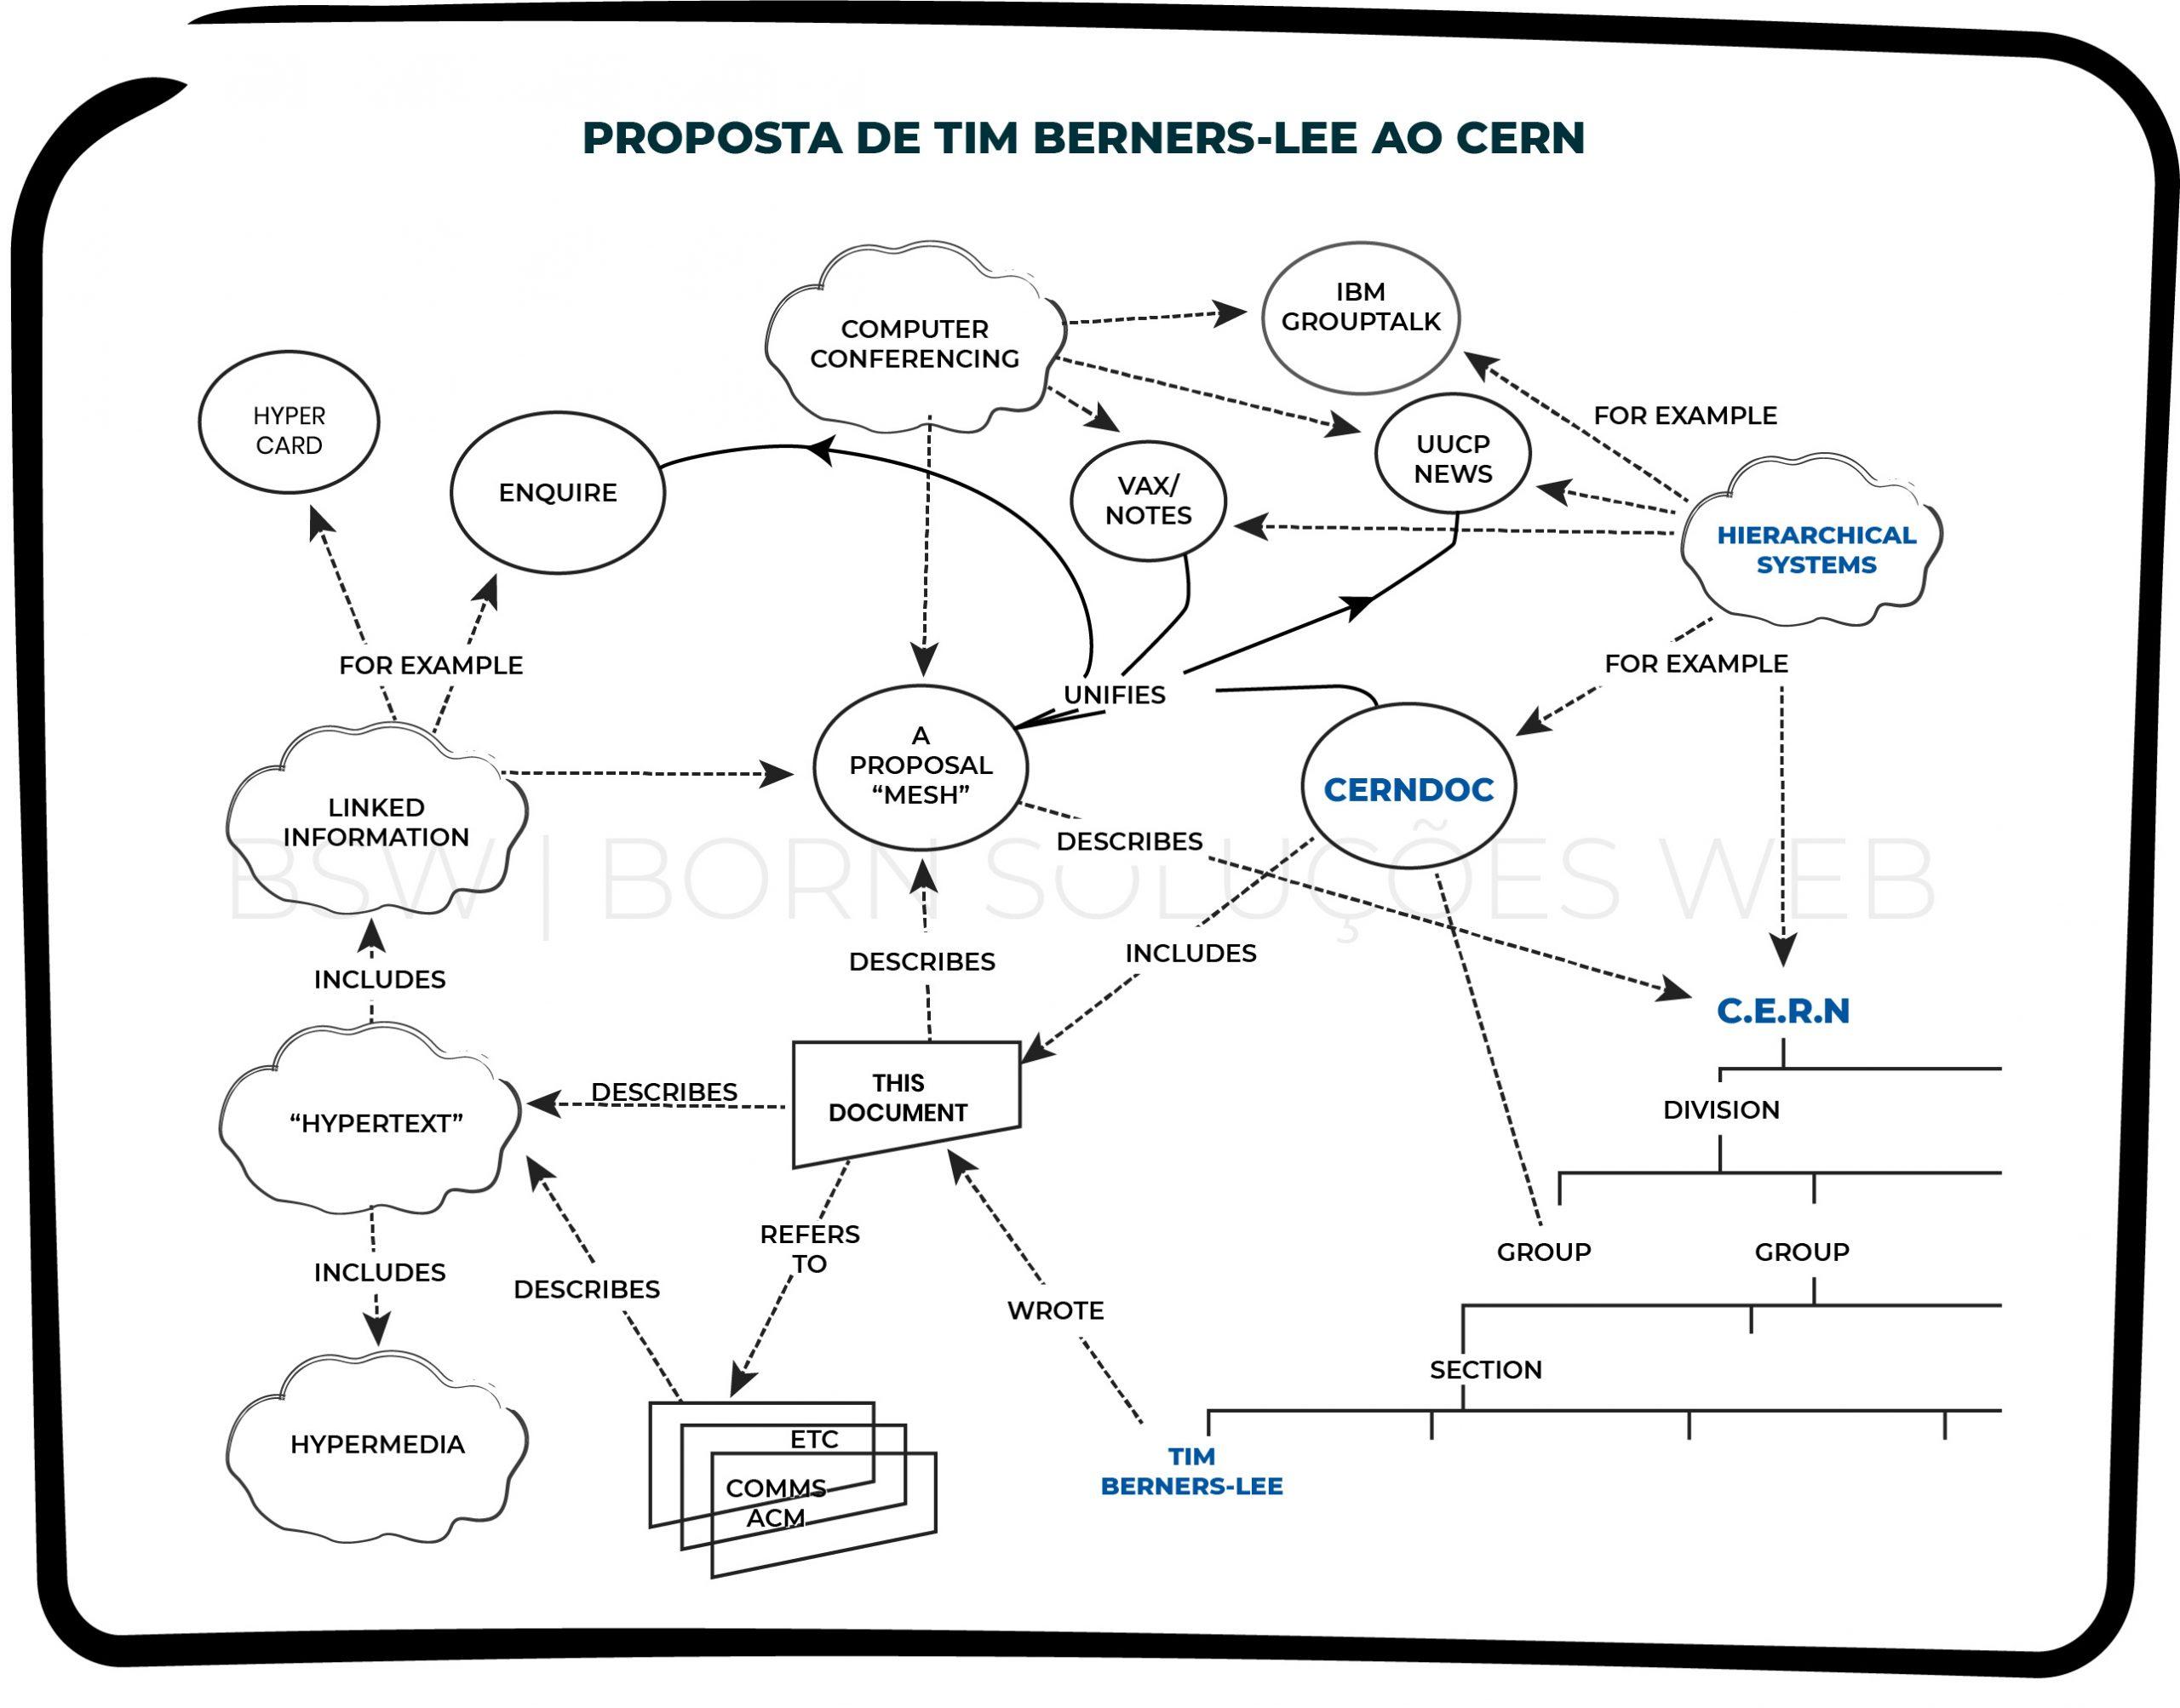 Proposta do Sistema de Internet, por Tim Berners-Lee